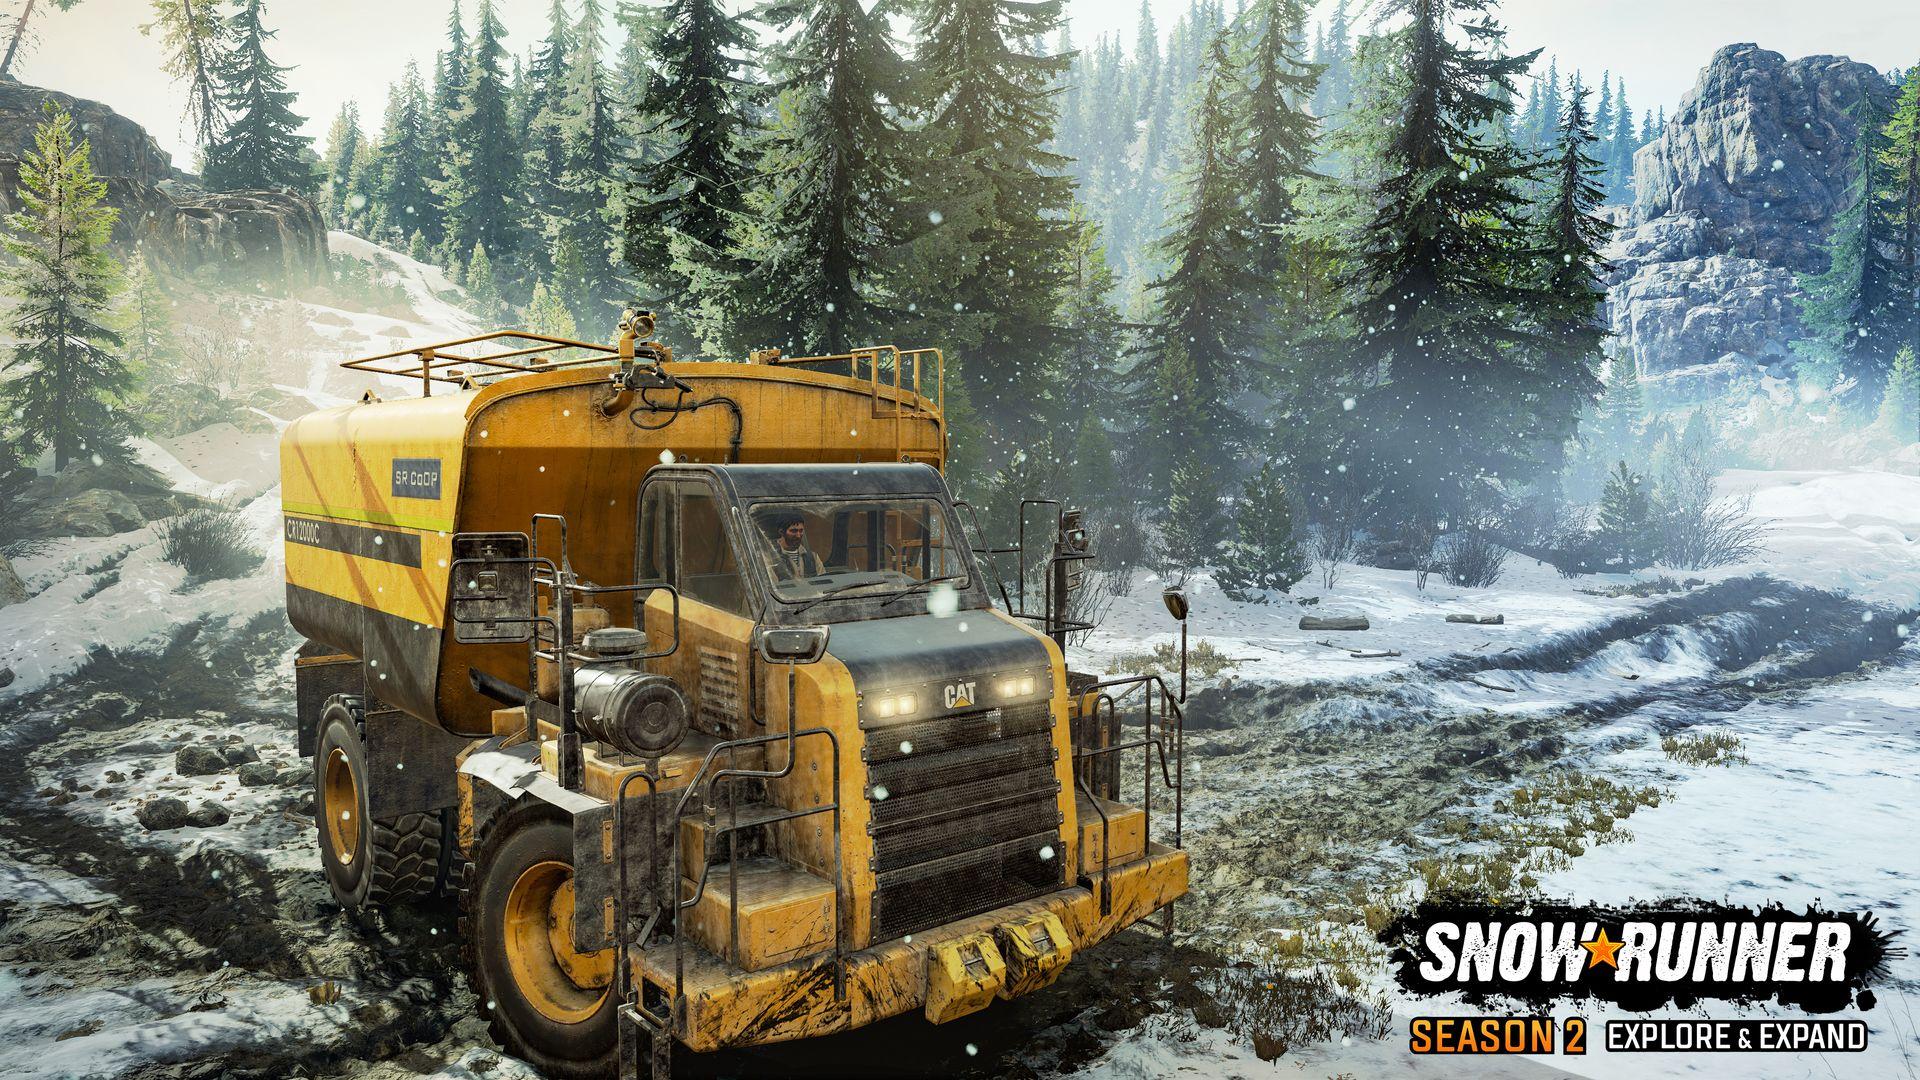 SnowRunner obohatila druhá sezóna dodatečného obsahu SnowRunner